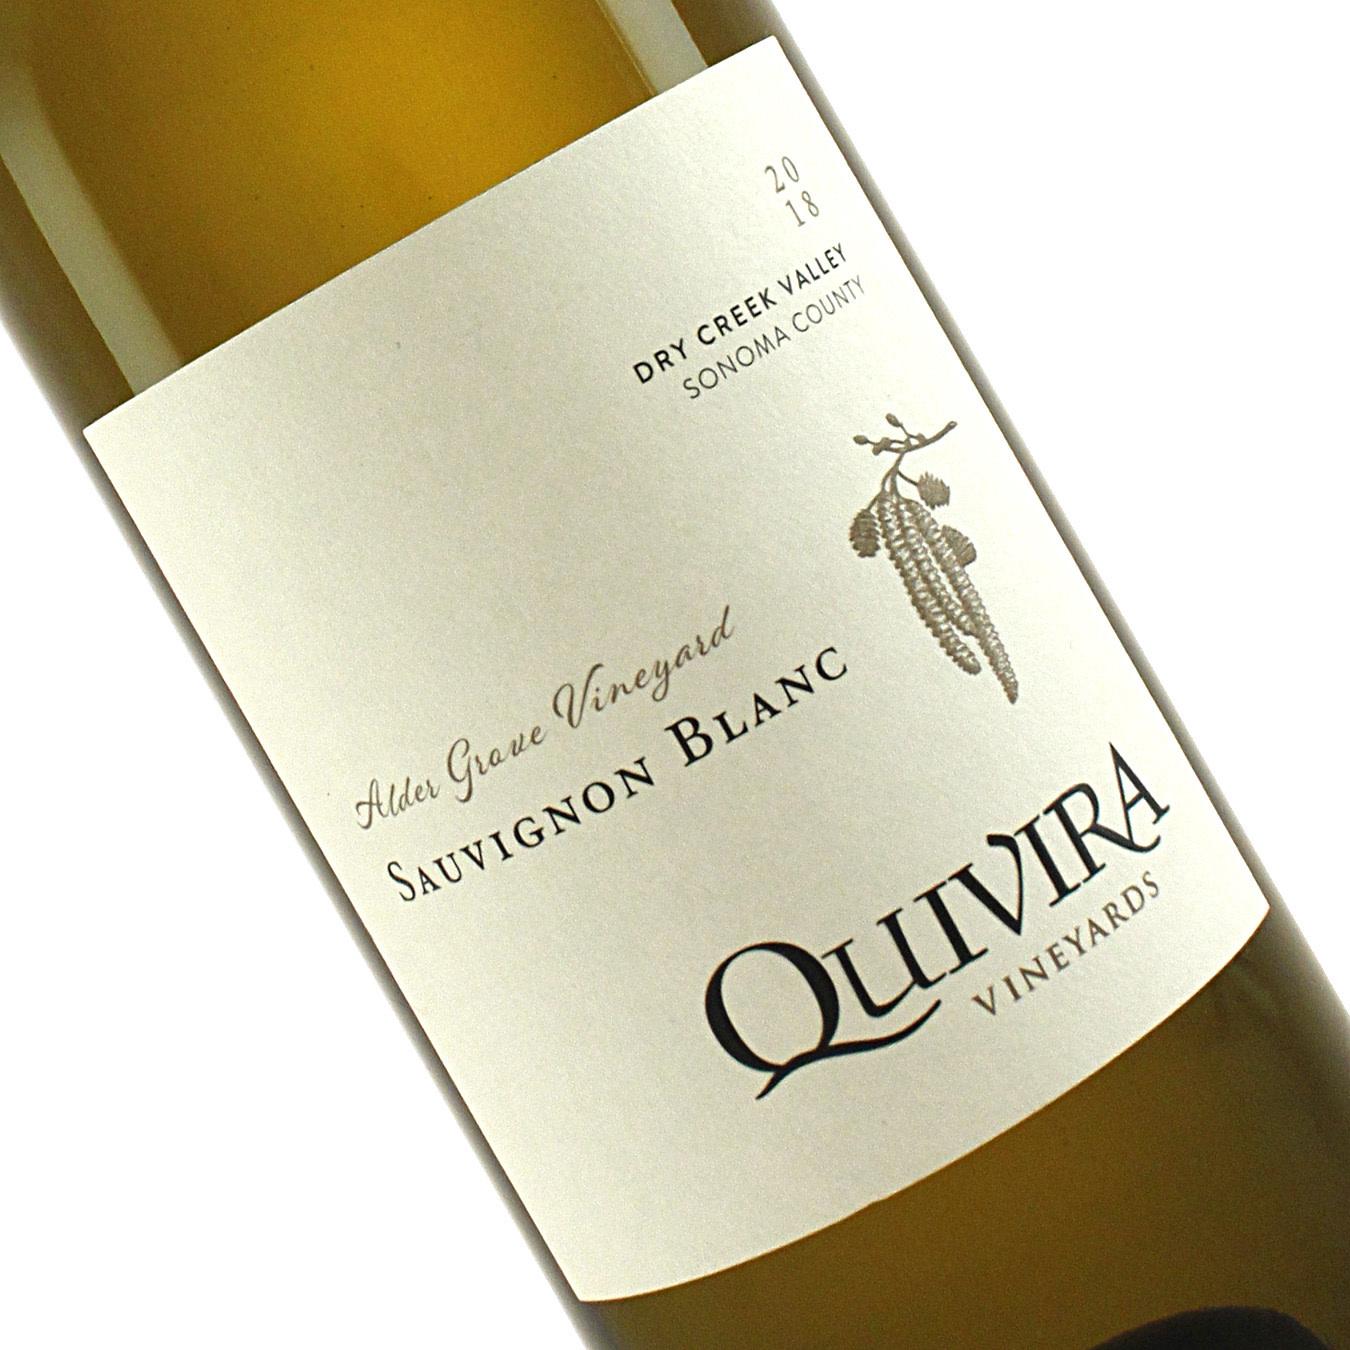 Quivira 2018 Sauvignon Blanc Alder Grove Vineyard, Sonoma